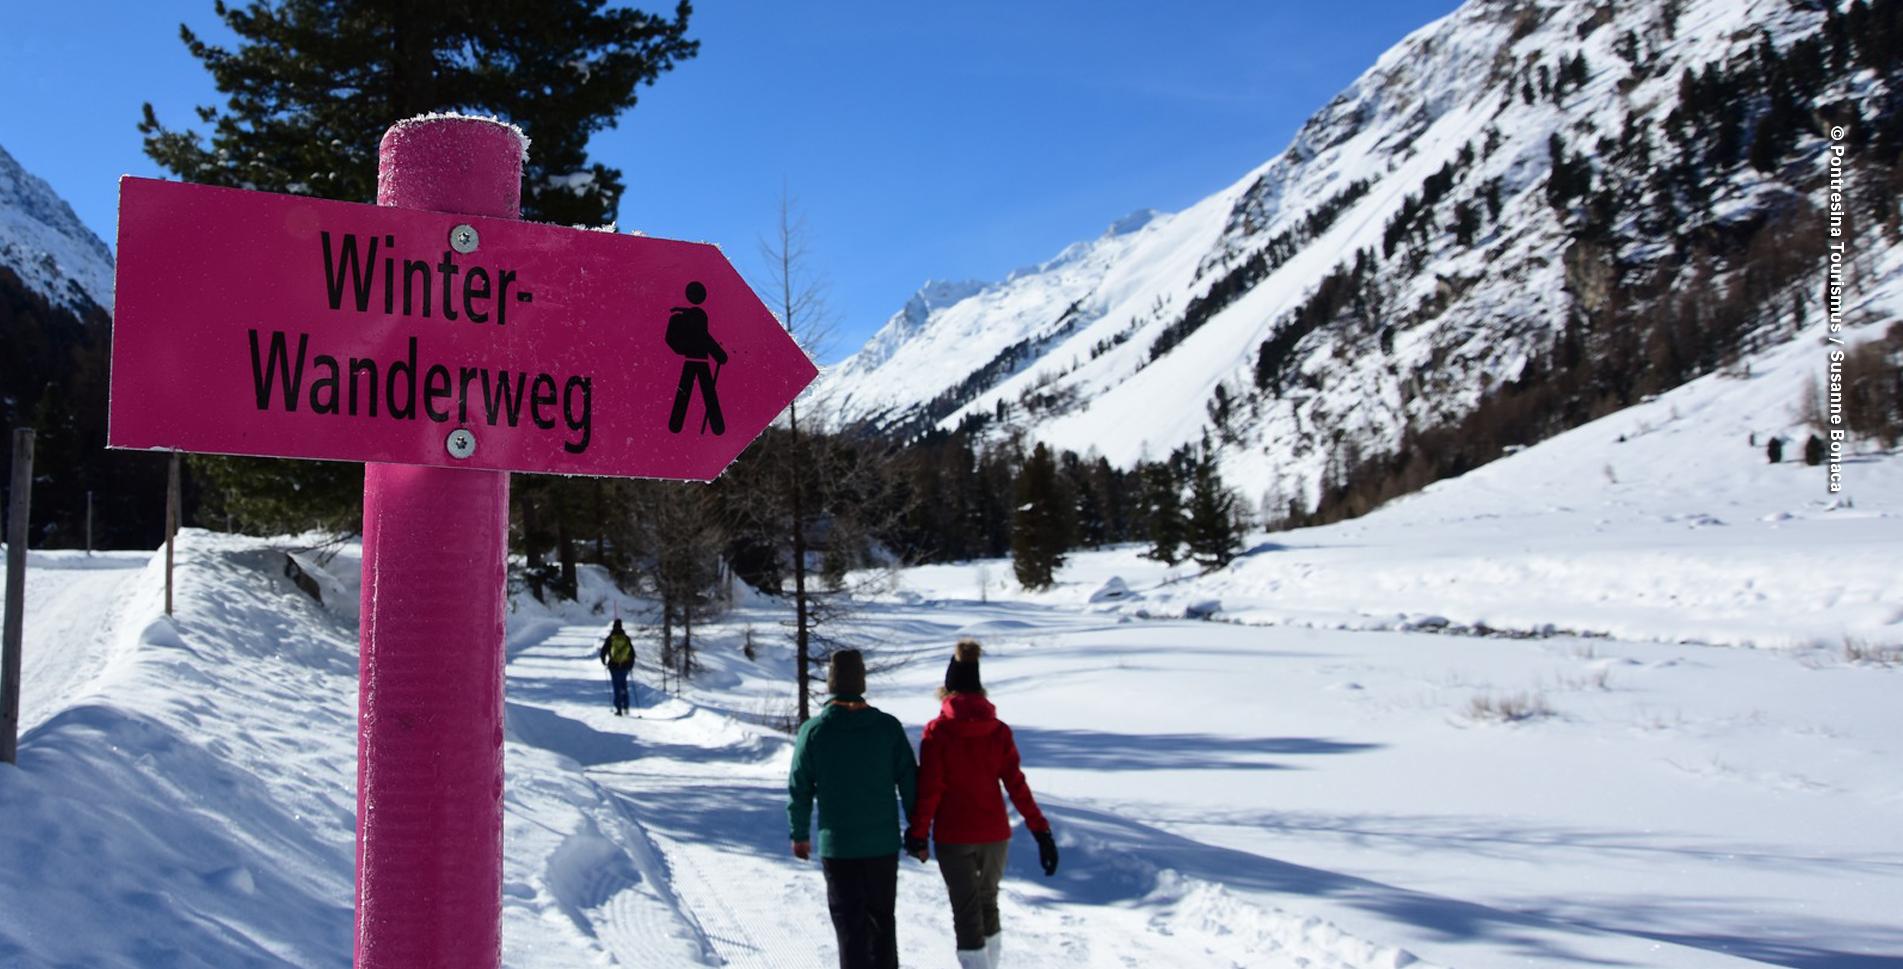 Winterwanderung von Pontresina ins Val Roseg zum Hotel Restaurant Roseg Gletscher und wieder zu Fuss oder mit der Pferdekutsche zurück nach Pontresina